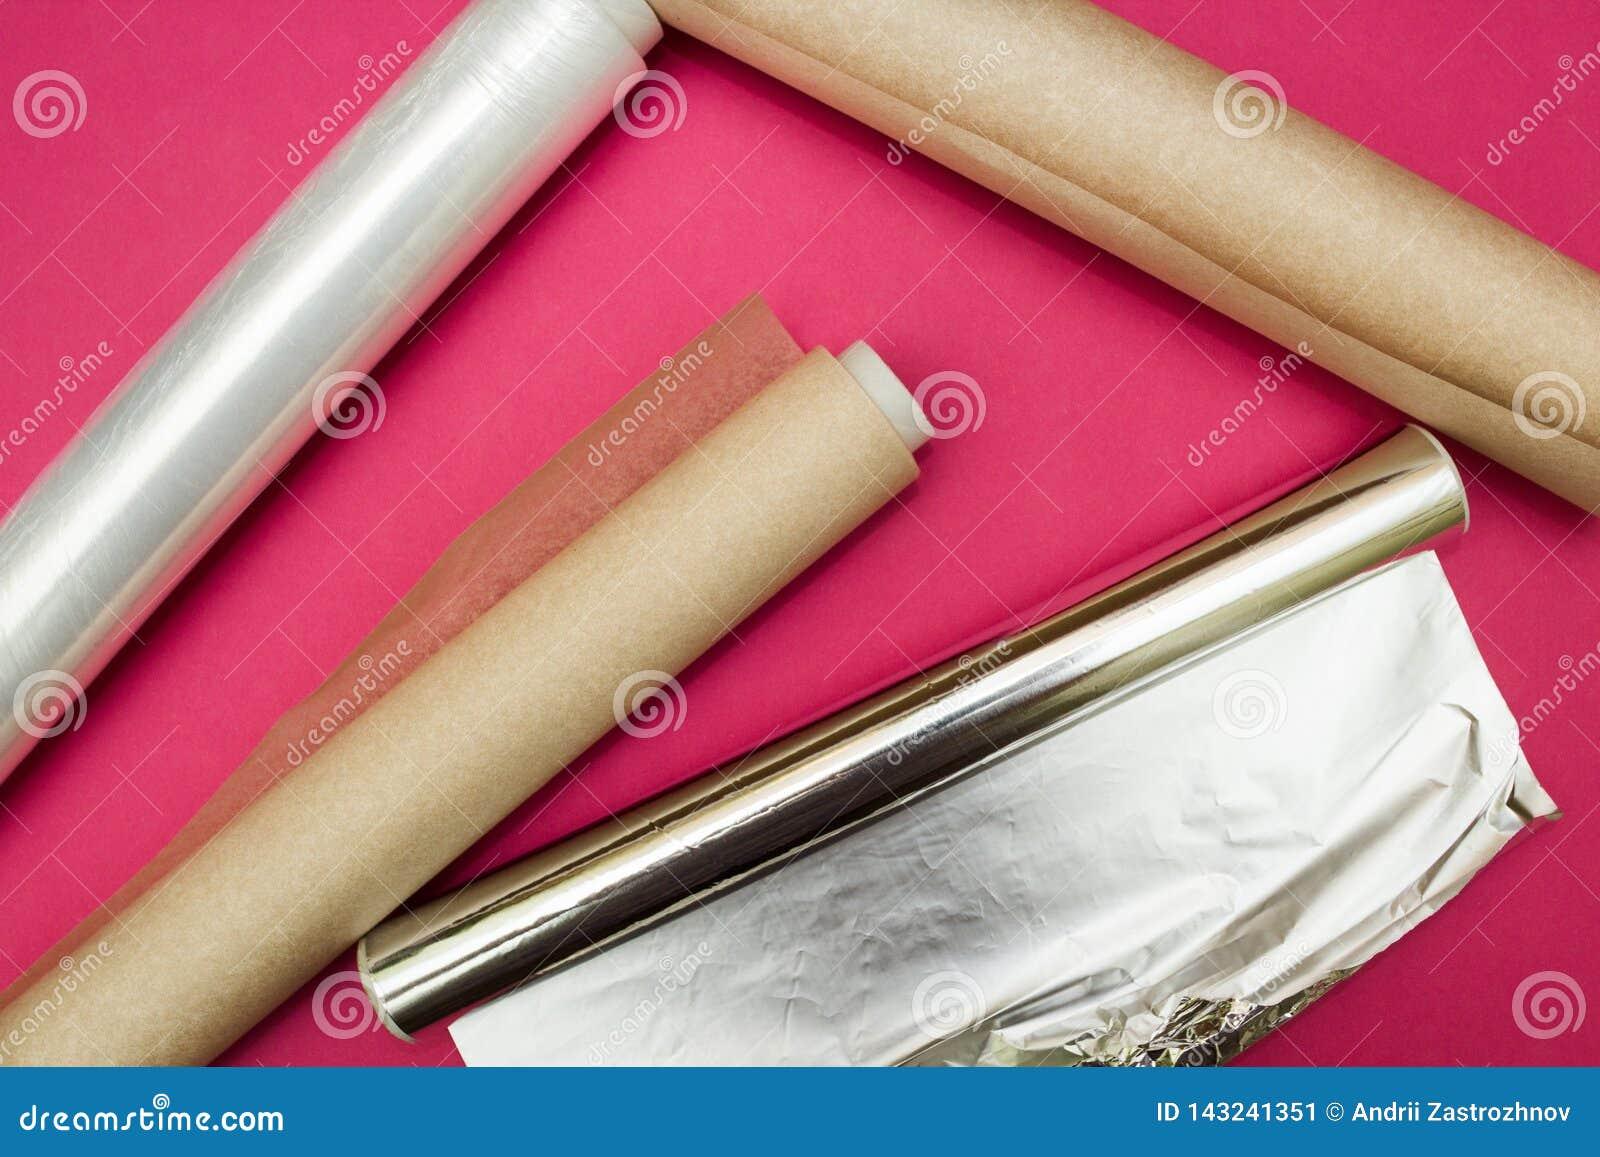 Πλαστικό περικάλυμμα, φύλλο αλουμινίου αργιλίου και ρόλος του εγγράφου περγαμηνής για το ρόδινο υπόβαθρο